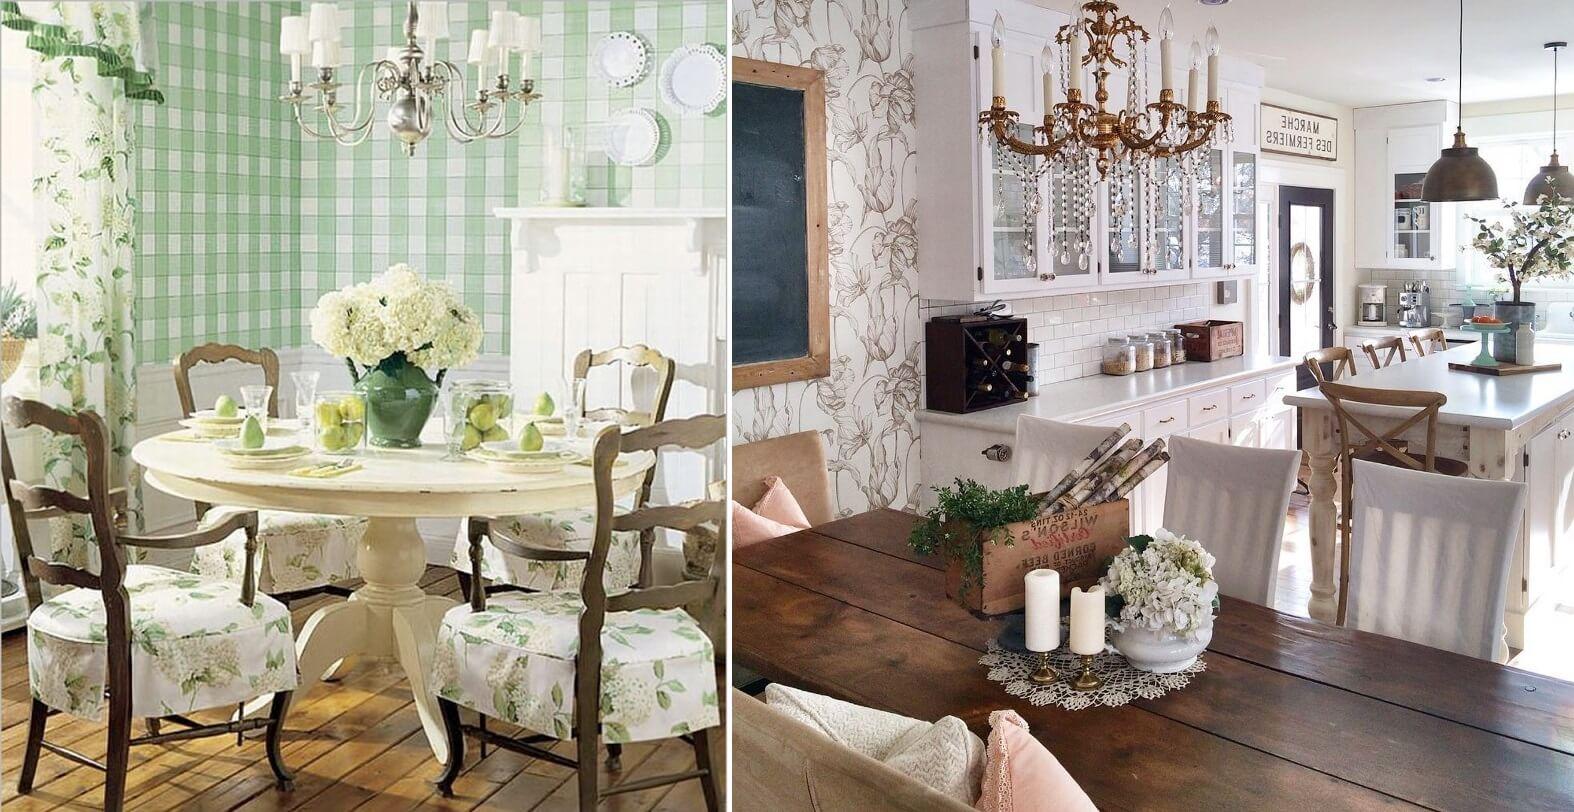 Обои в стиле прованс для кухни фото